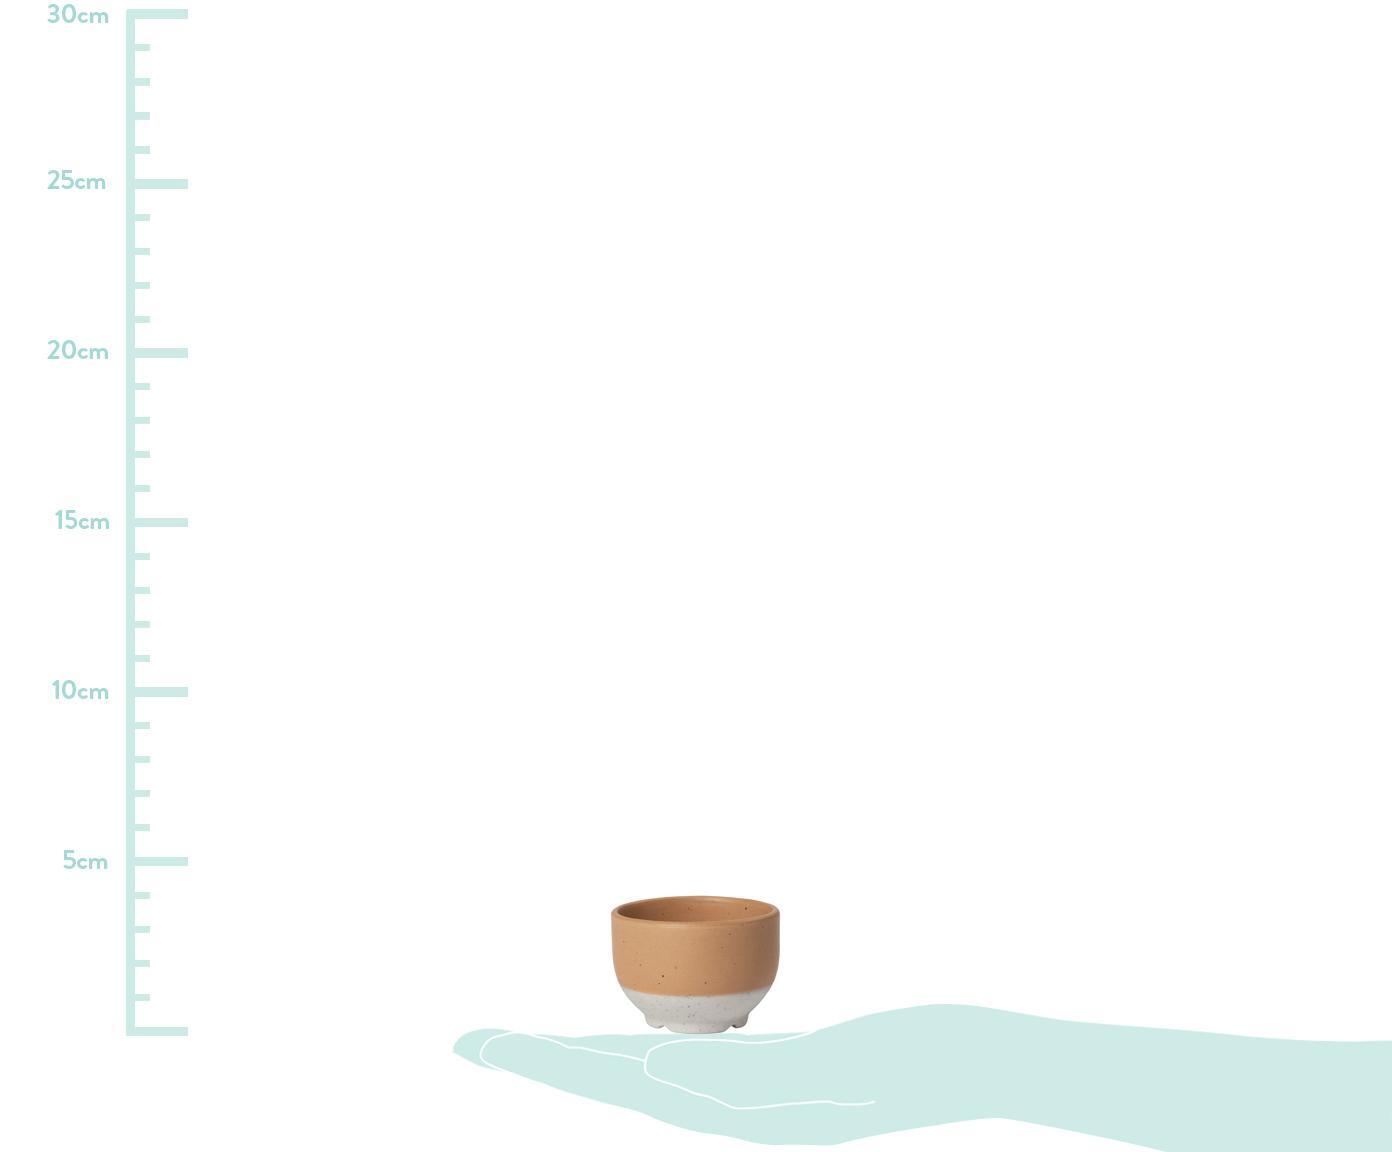 Steingut-Eierbecher Eli mit mattem Finish, 4 Stück, Steingut, Hellbraun, Beige, Ø 5 x H 4 cm